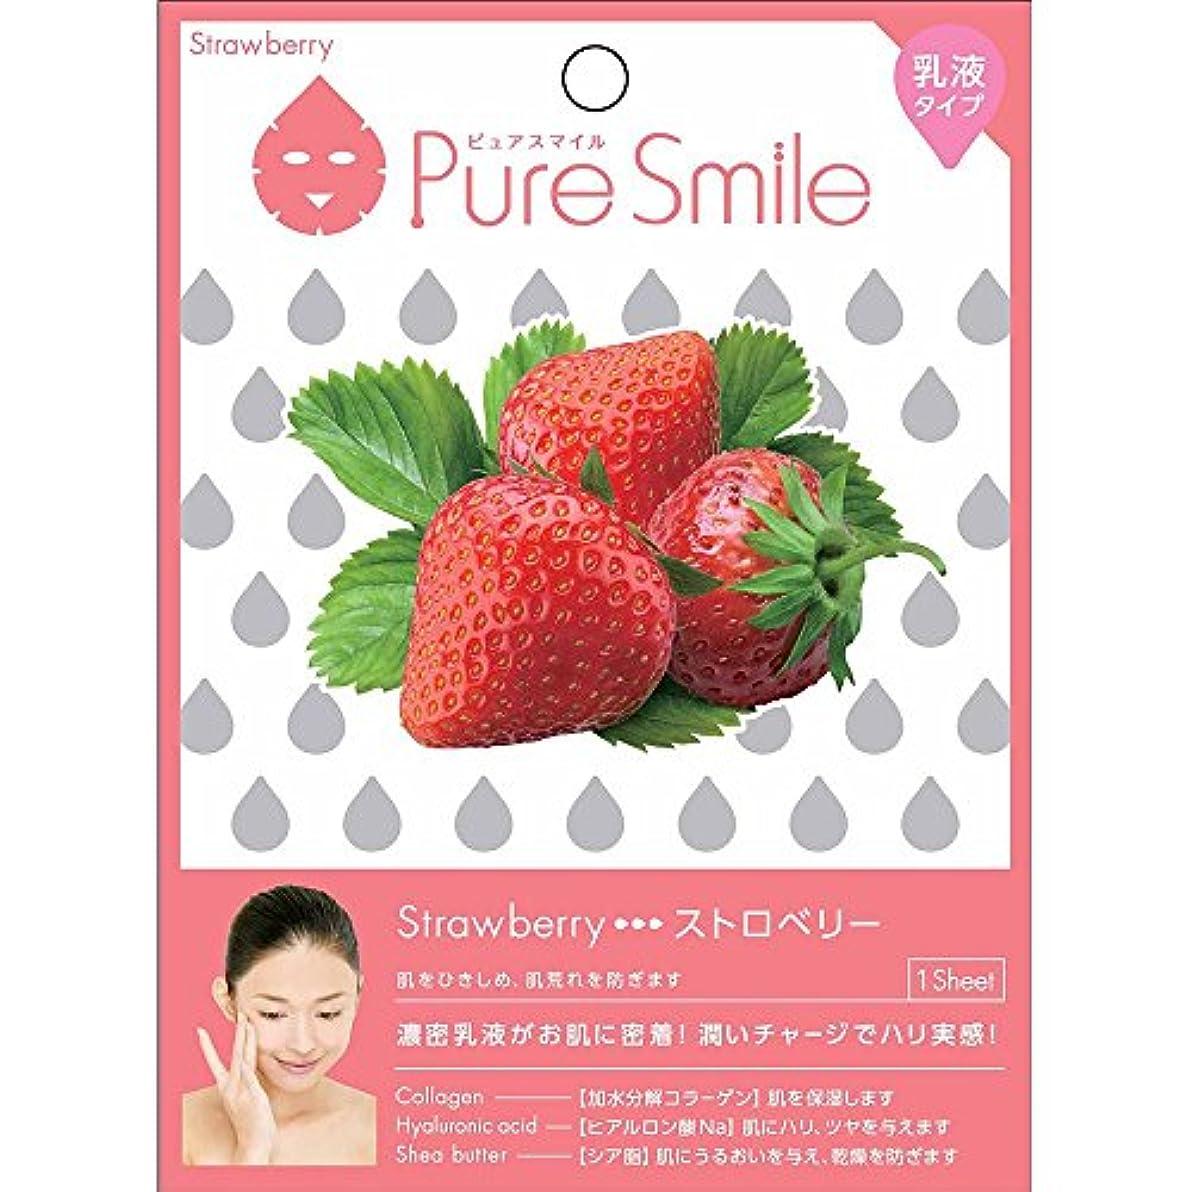 ビーチ時代遅れ流星Pure Smile/ピュアスマイル 乳液 エッセンス/フェイスマスク 『Strawberry/ストロベリー(苺)』